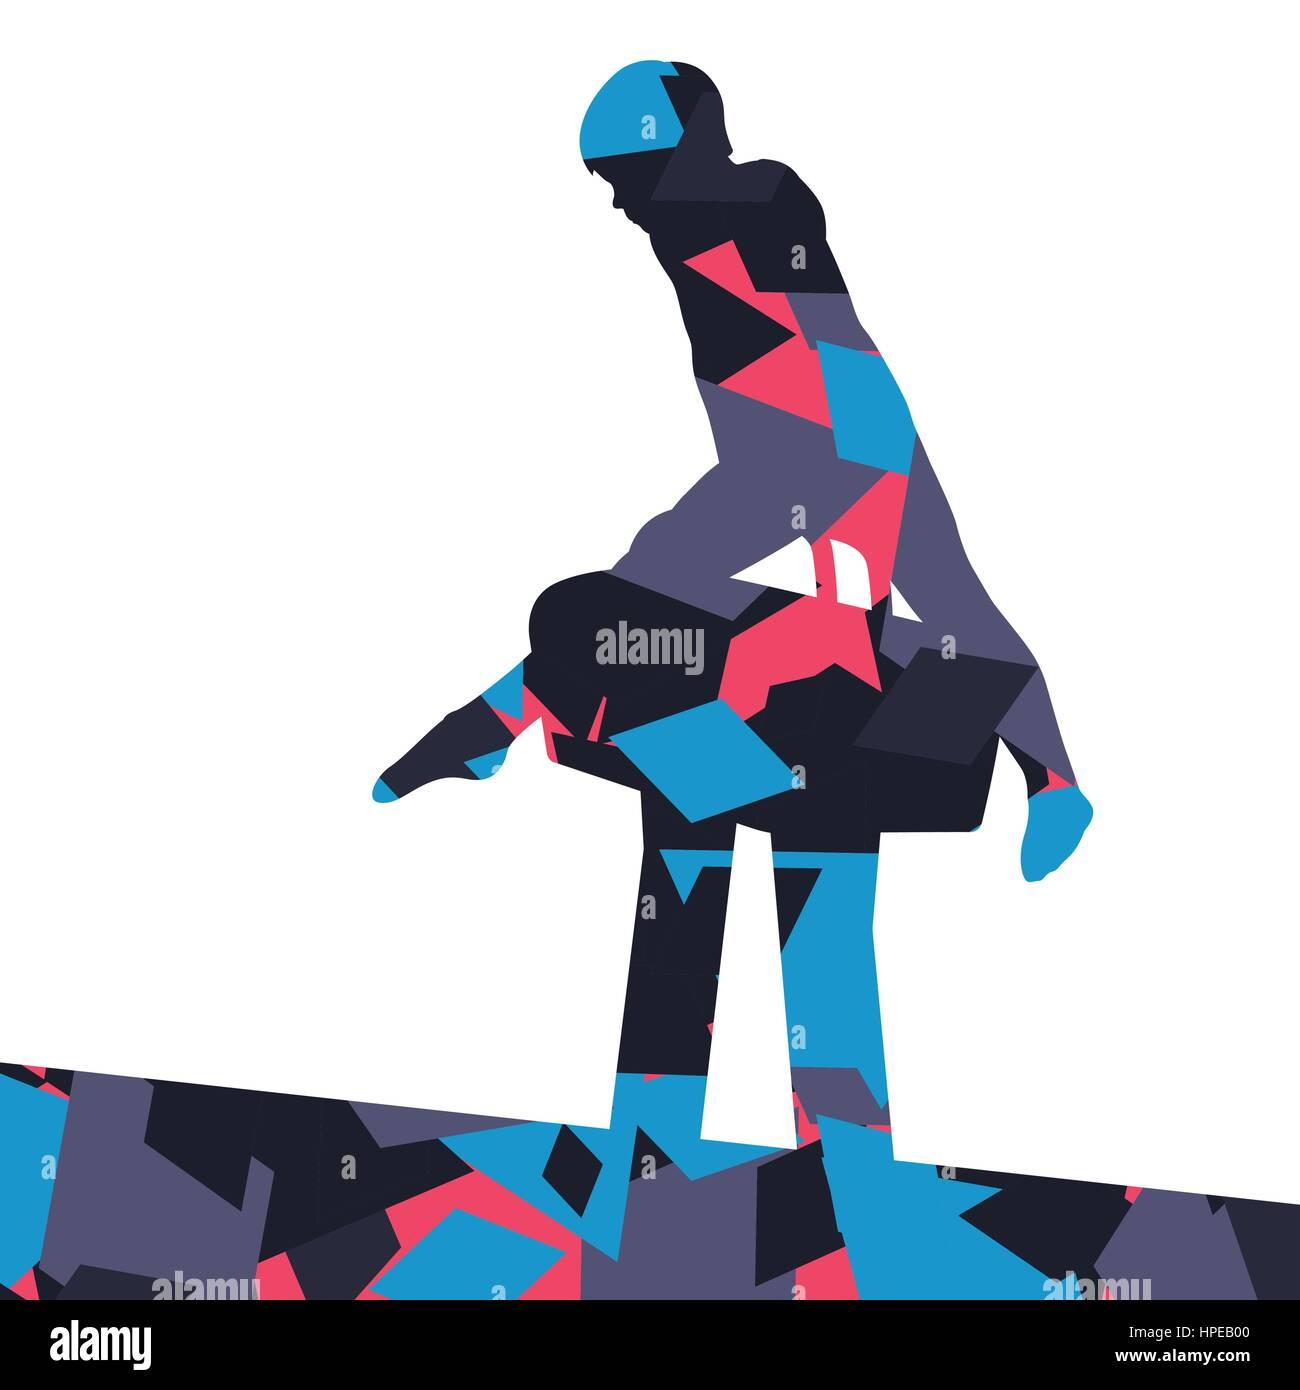 031fe9d1d988 Los niños activos boy deporte silueta en potro de anillas en abstracto  fondo de mosaico ilustración vector